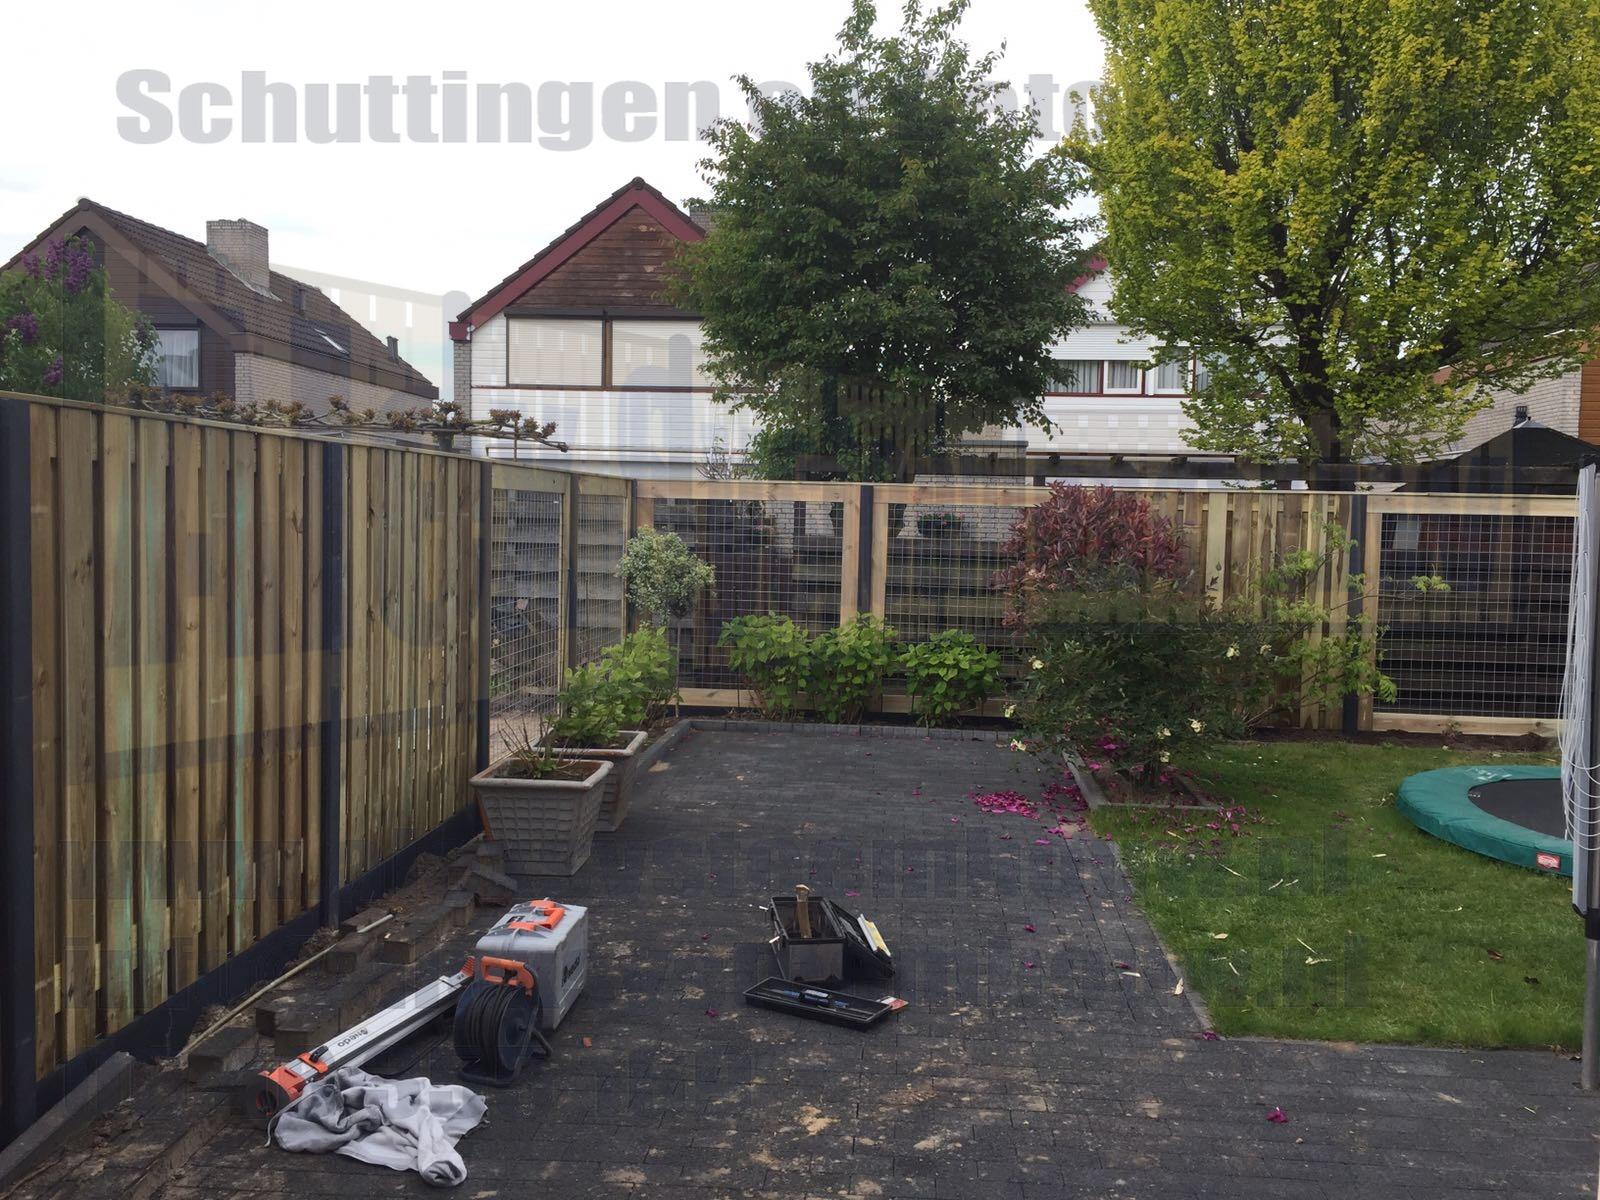 Schutting-hout-beton-21-planks-gaas-schermen